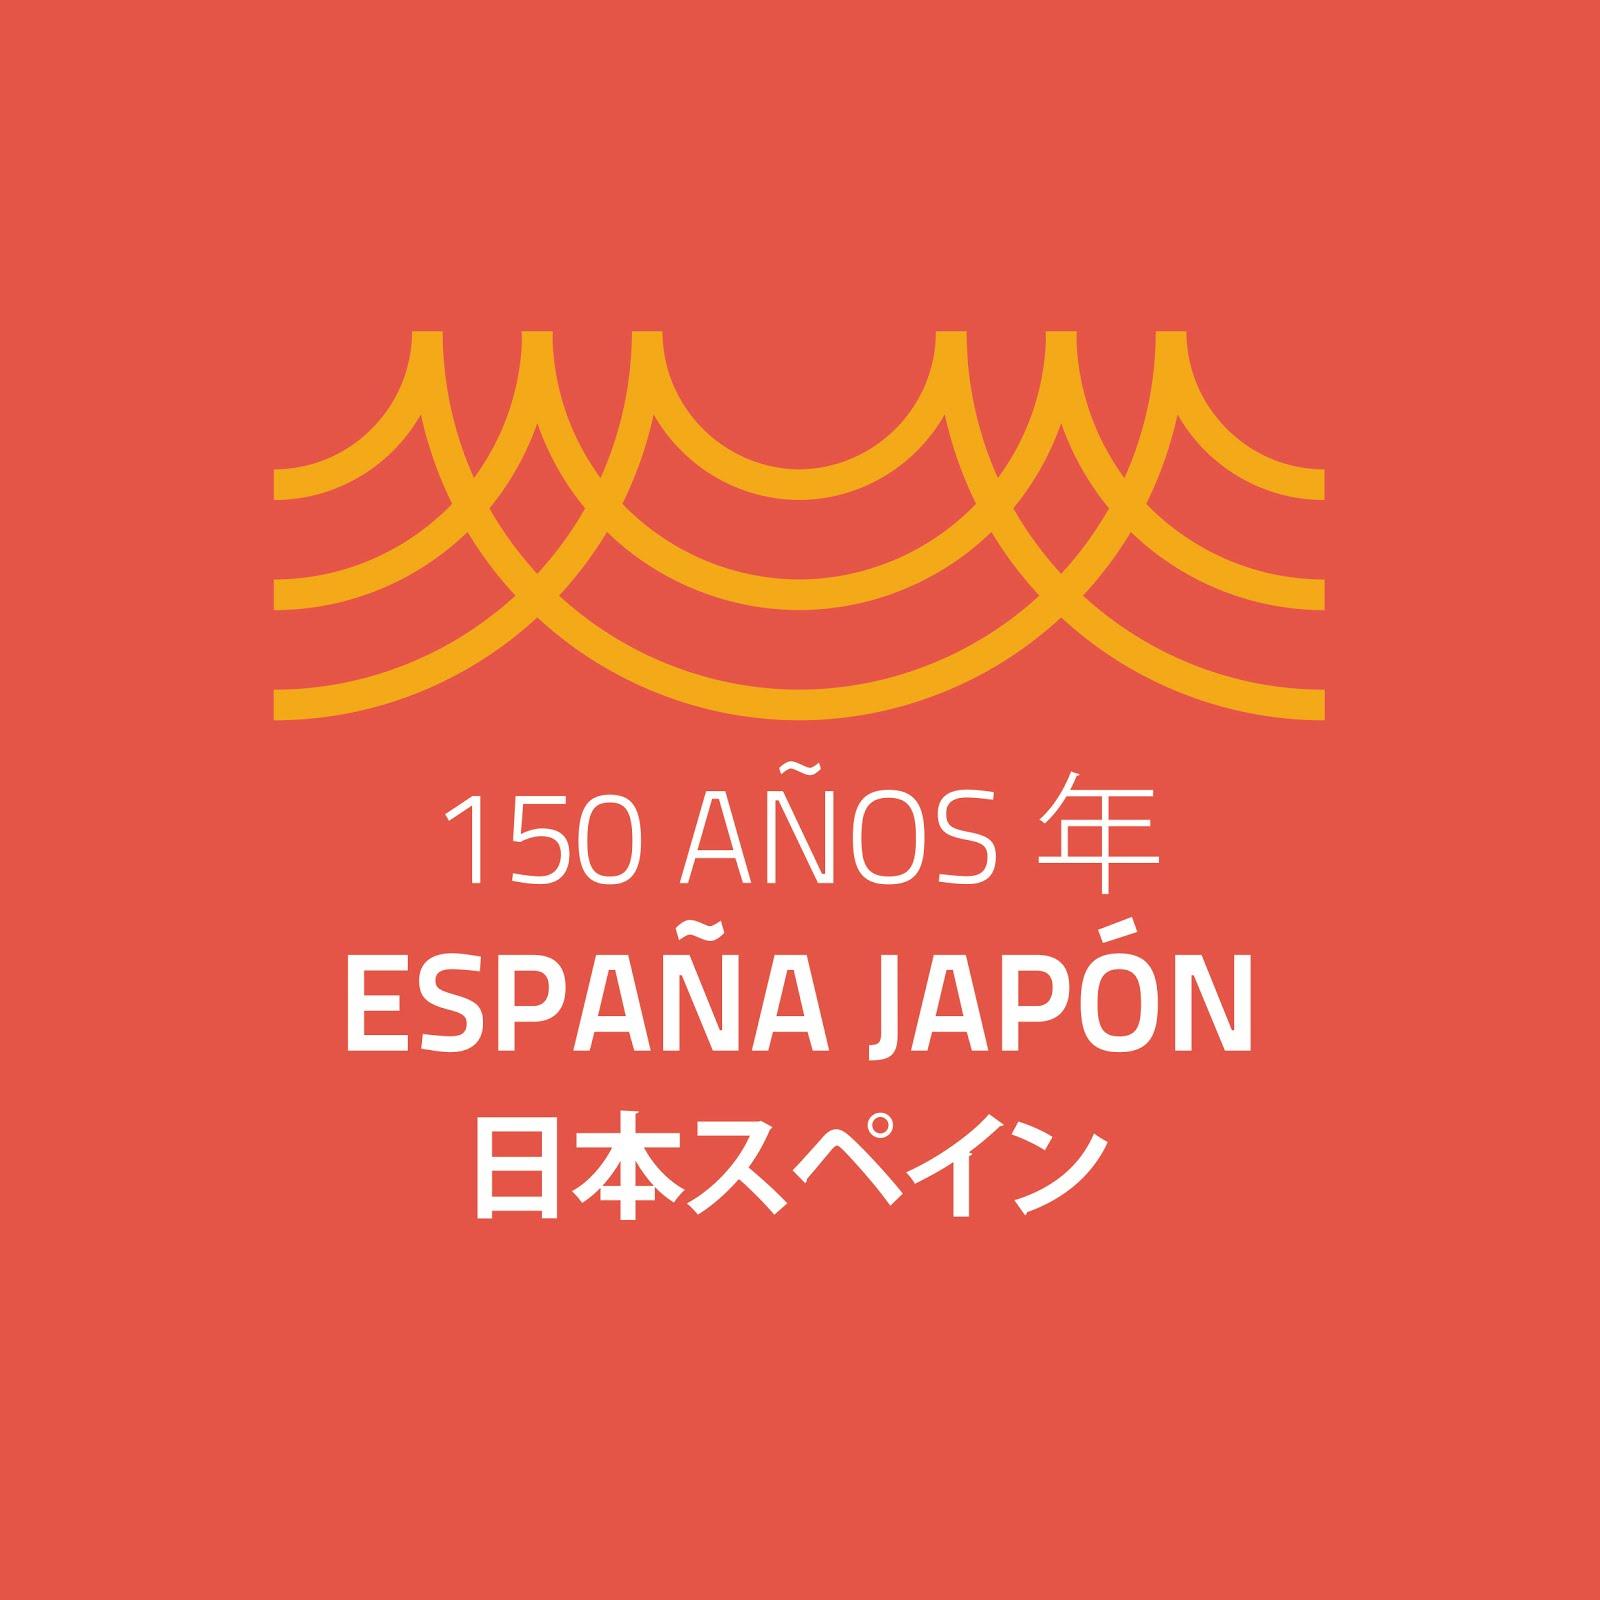 AGHA colabora con la celebración del 150 Aniversario